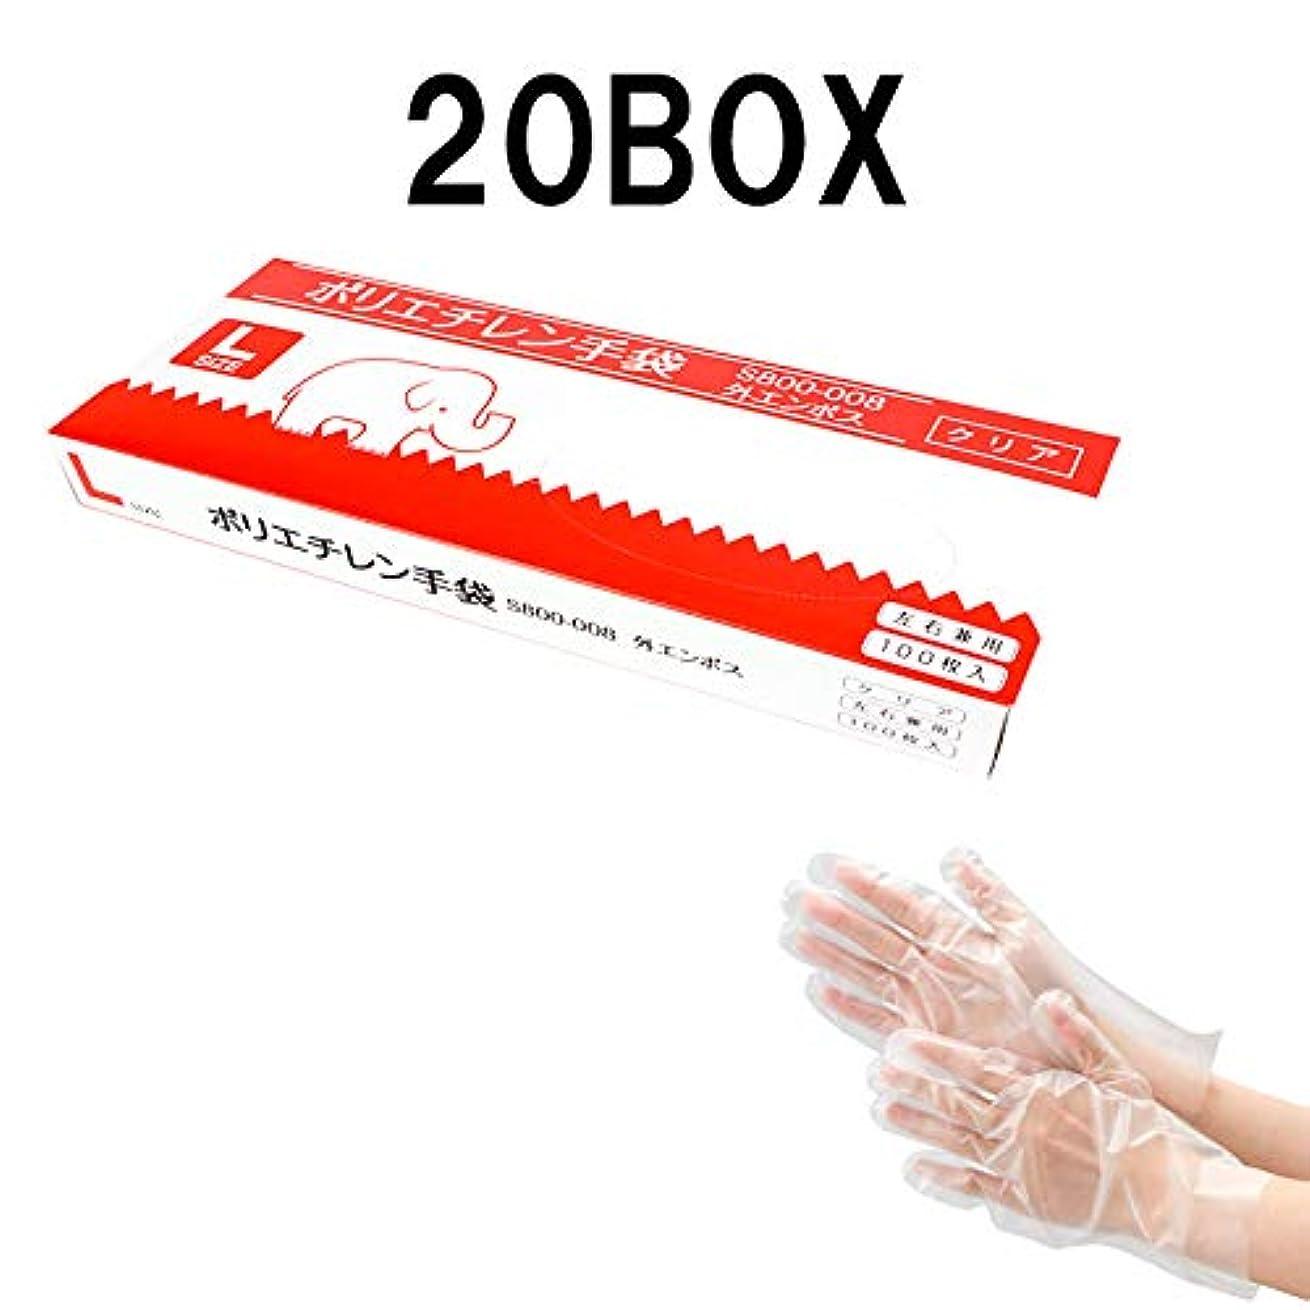 プロテスタントペフ未知の(2000枚) 使い捨て ポリエチレン手袋 Lサイズ 100枚入り×20BOX クリア色 左右兼用 外エンボス 食品衛生法適合品